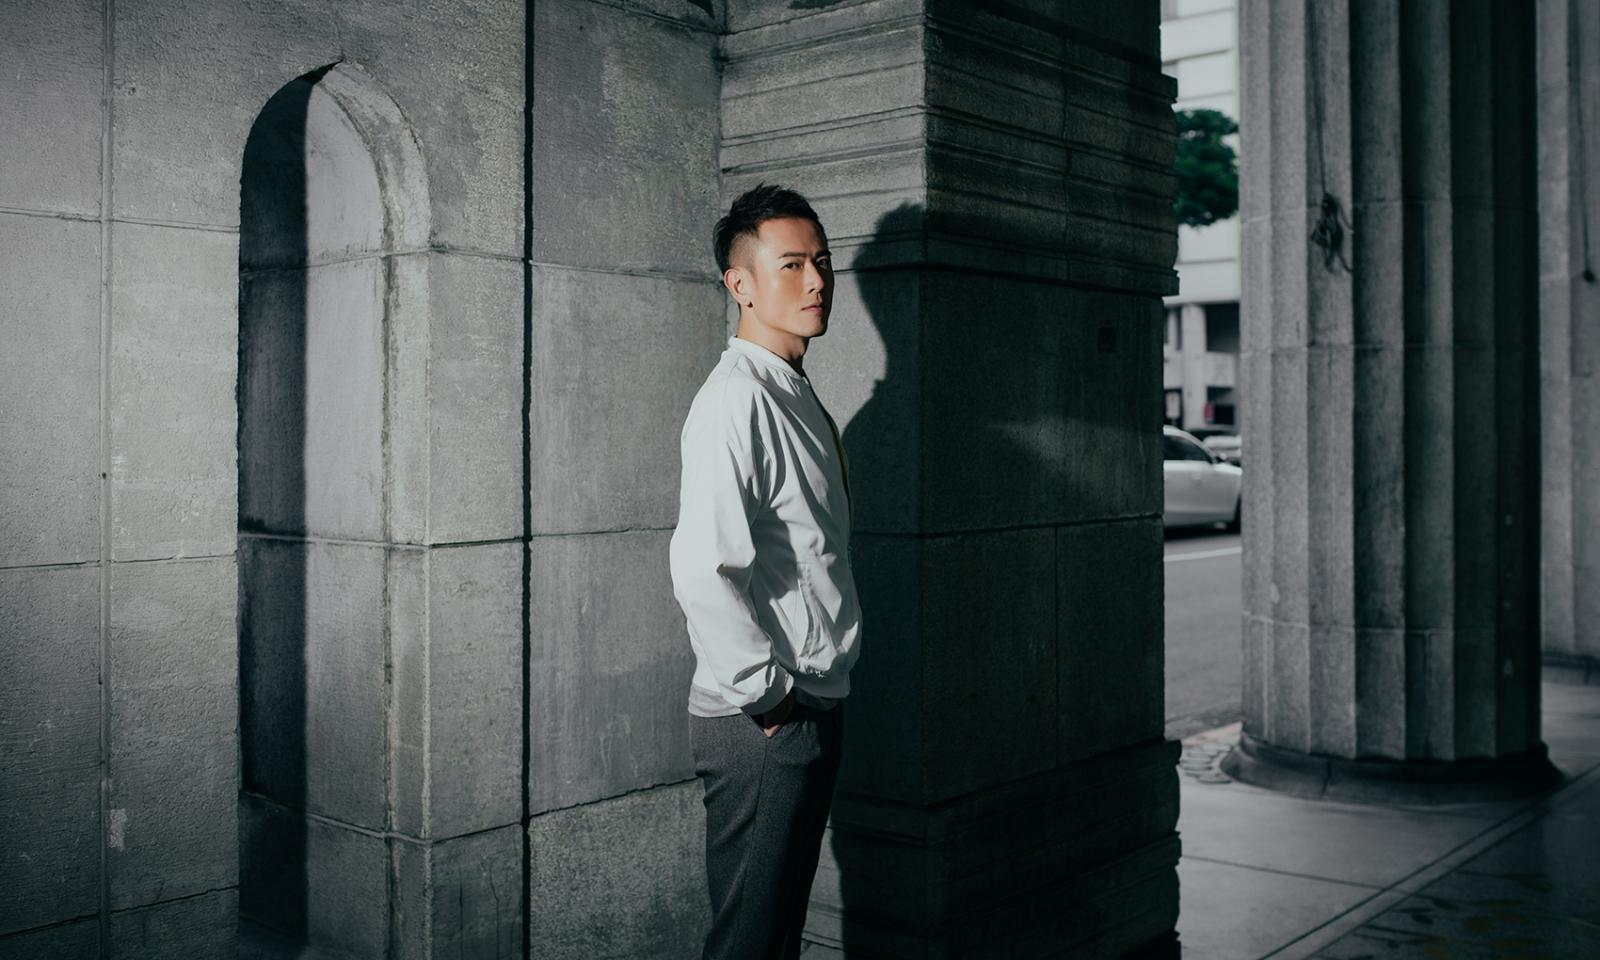 電影外的綠葉,專訪主持人楊達敬:有了電影,不必愛情